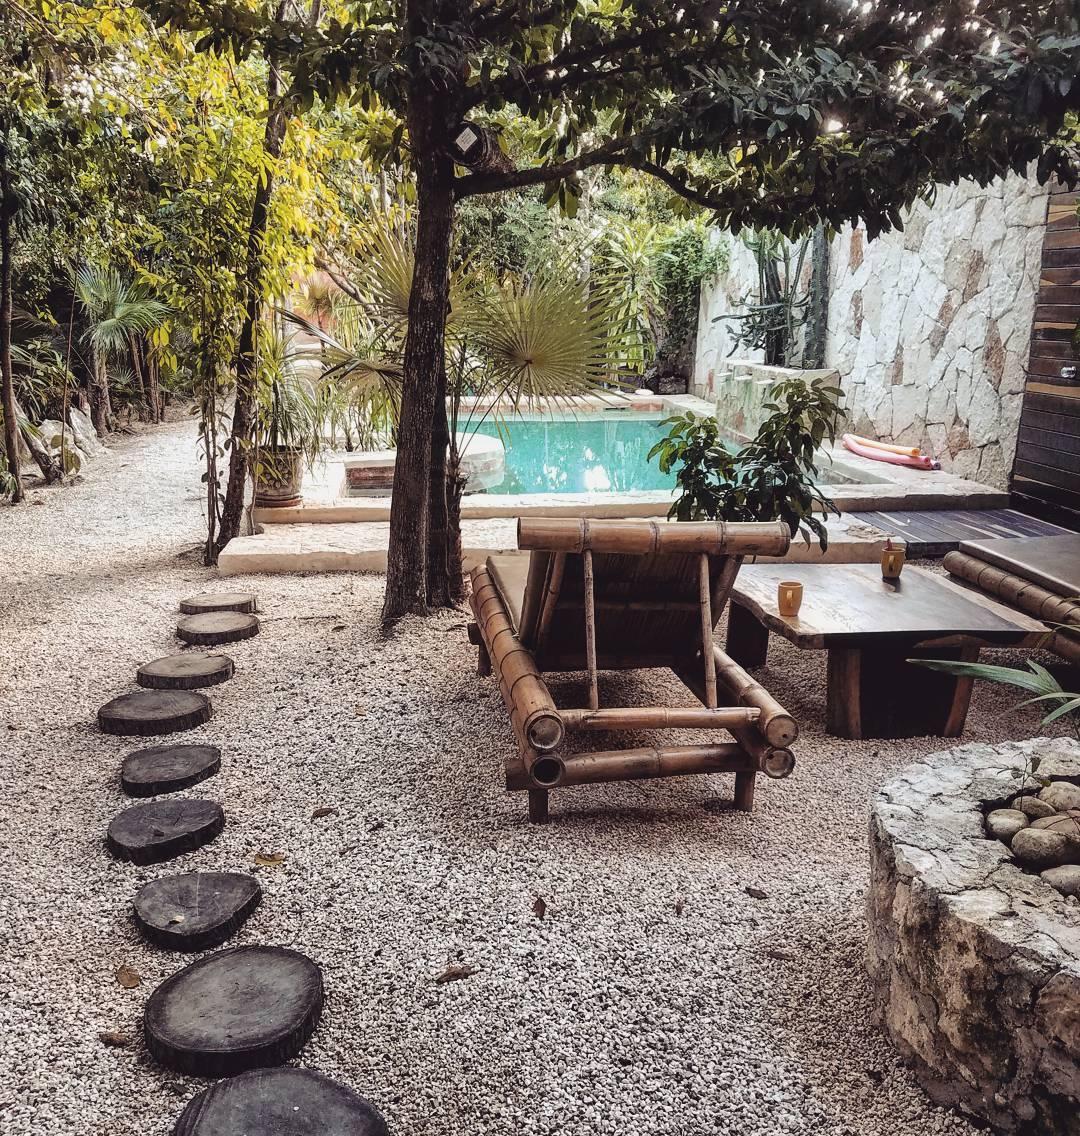 Villa-marusya-tulum-mexico-airbnb-6